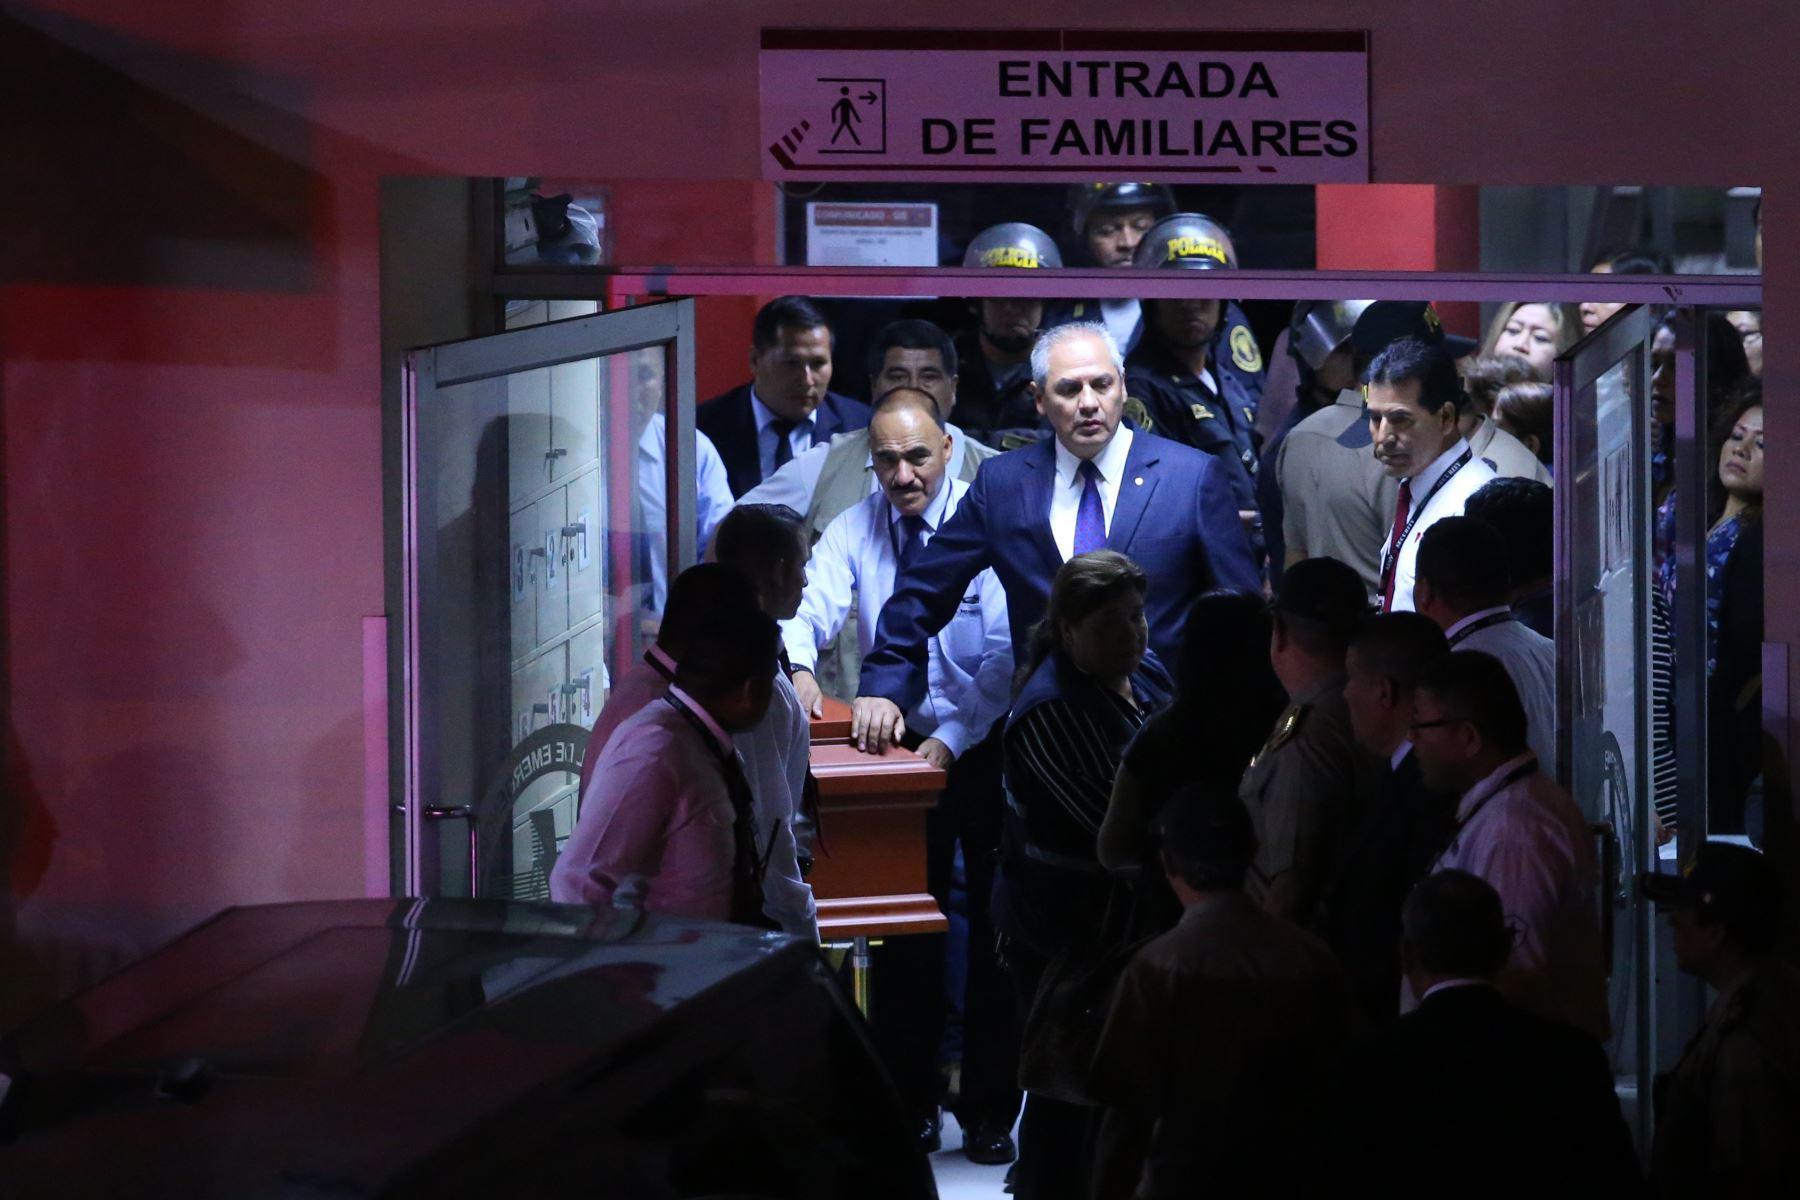 Féretro con los restos  del ex presidente Alan García sale del hospital Casimiro Ulloa rumbo a la Casa del Pueblo. Foto: ANDINA/ Vidal Tarqui